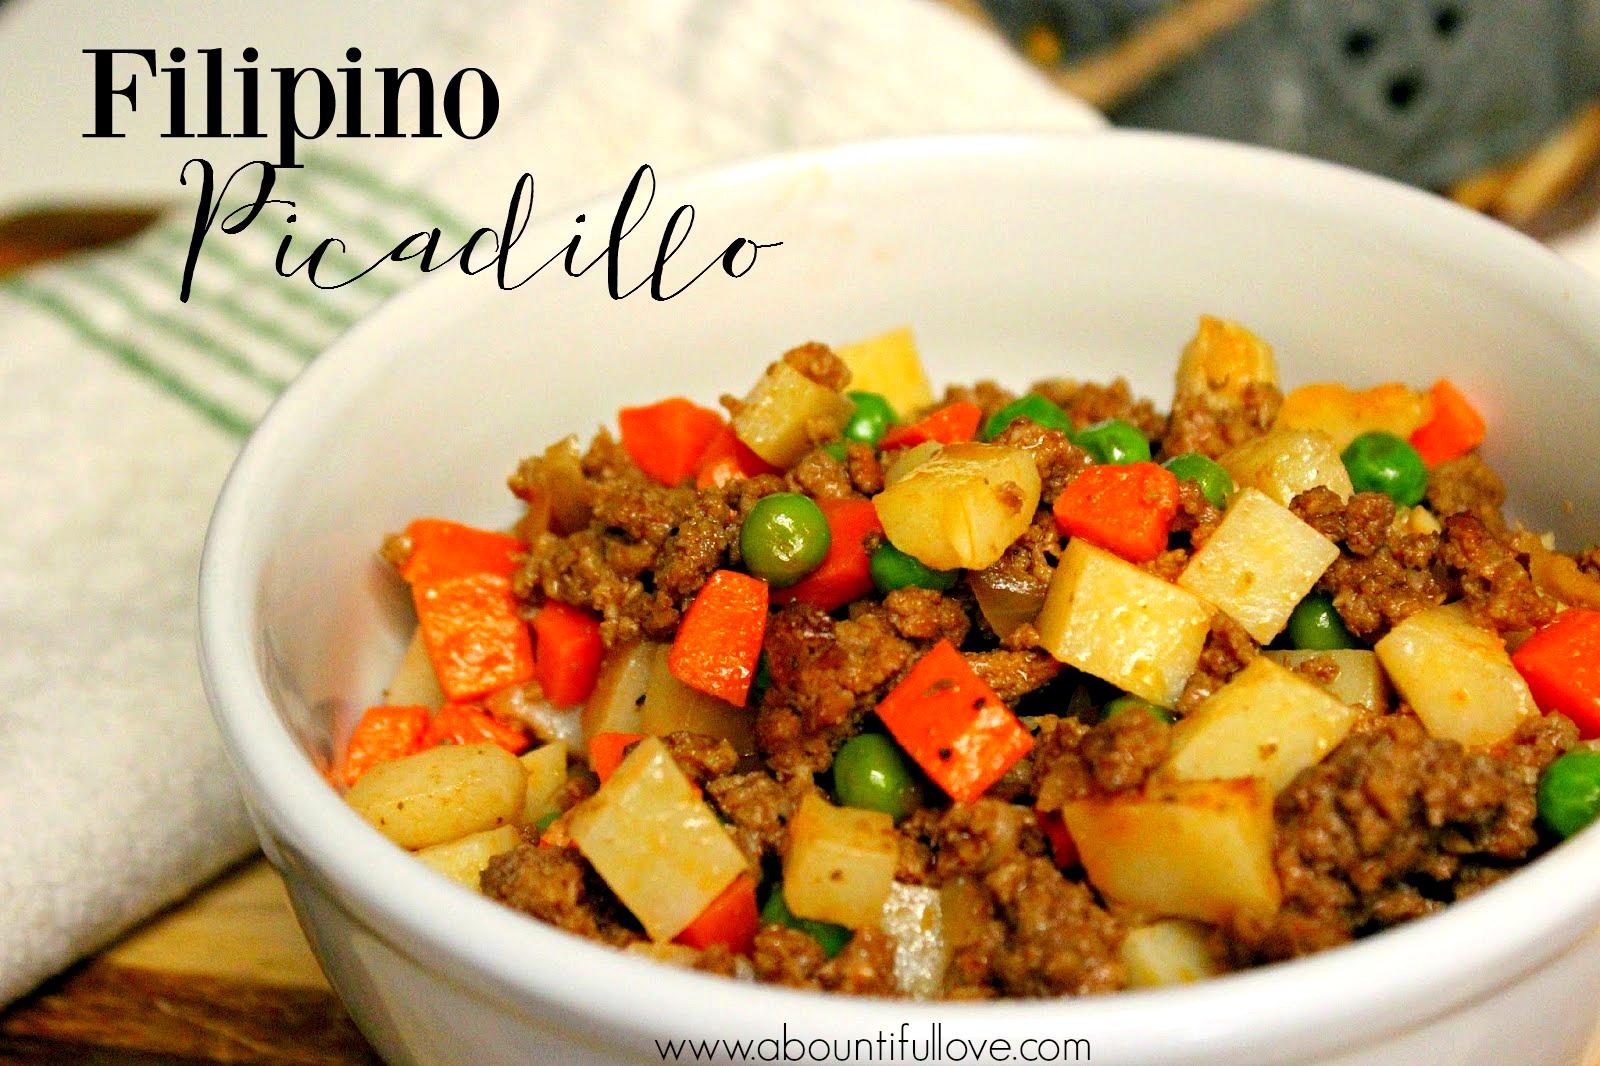 A bountiful love filipino picadillo filipino picadillo forumfinder Choice Image